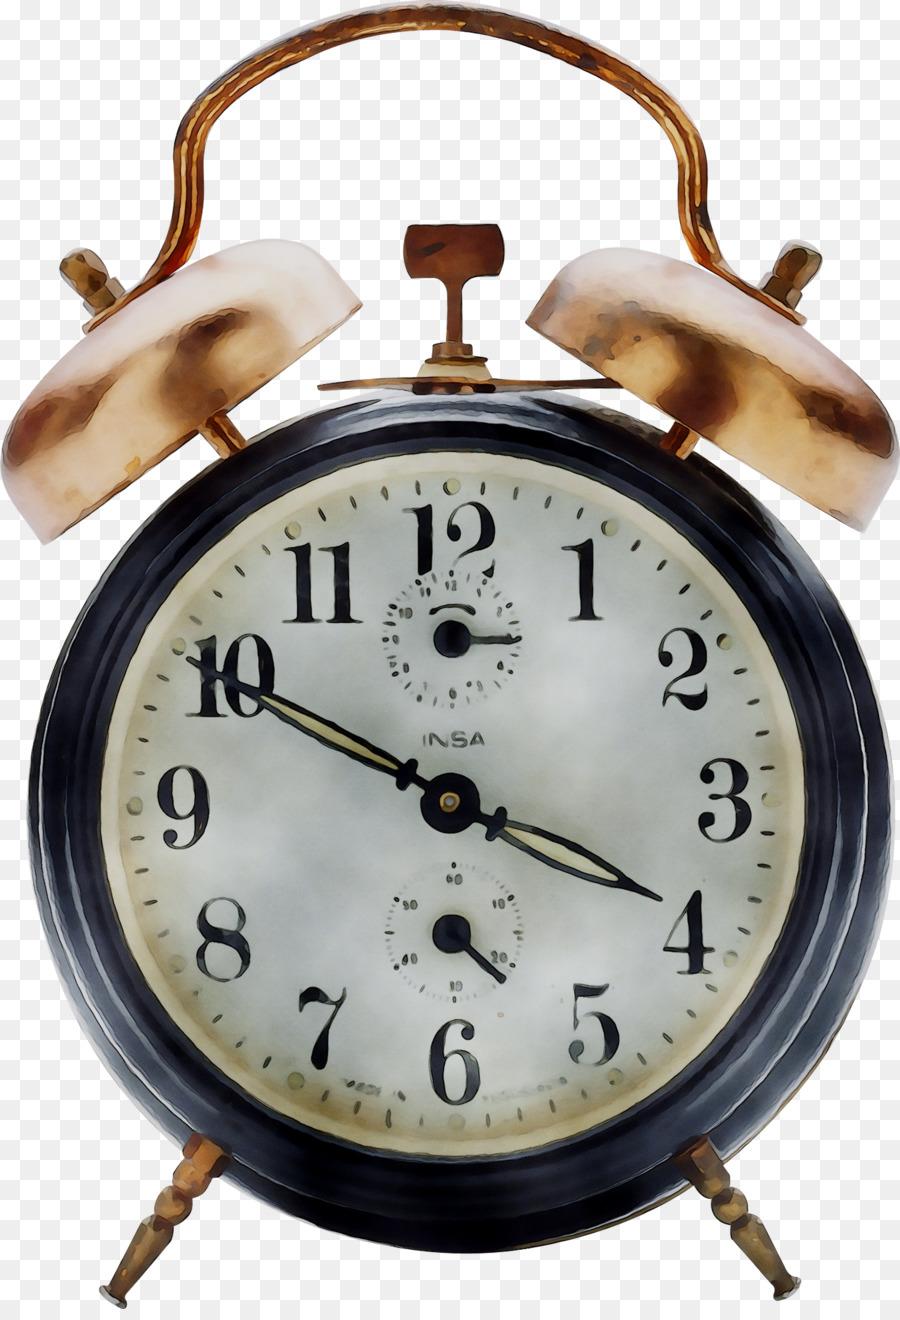 Descarga gratuita de Reloj, La Calificación De Crédito, El Horario De Verano Imágen de Png